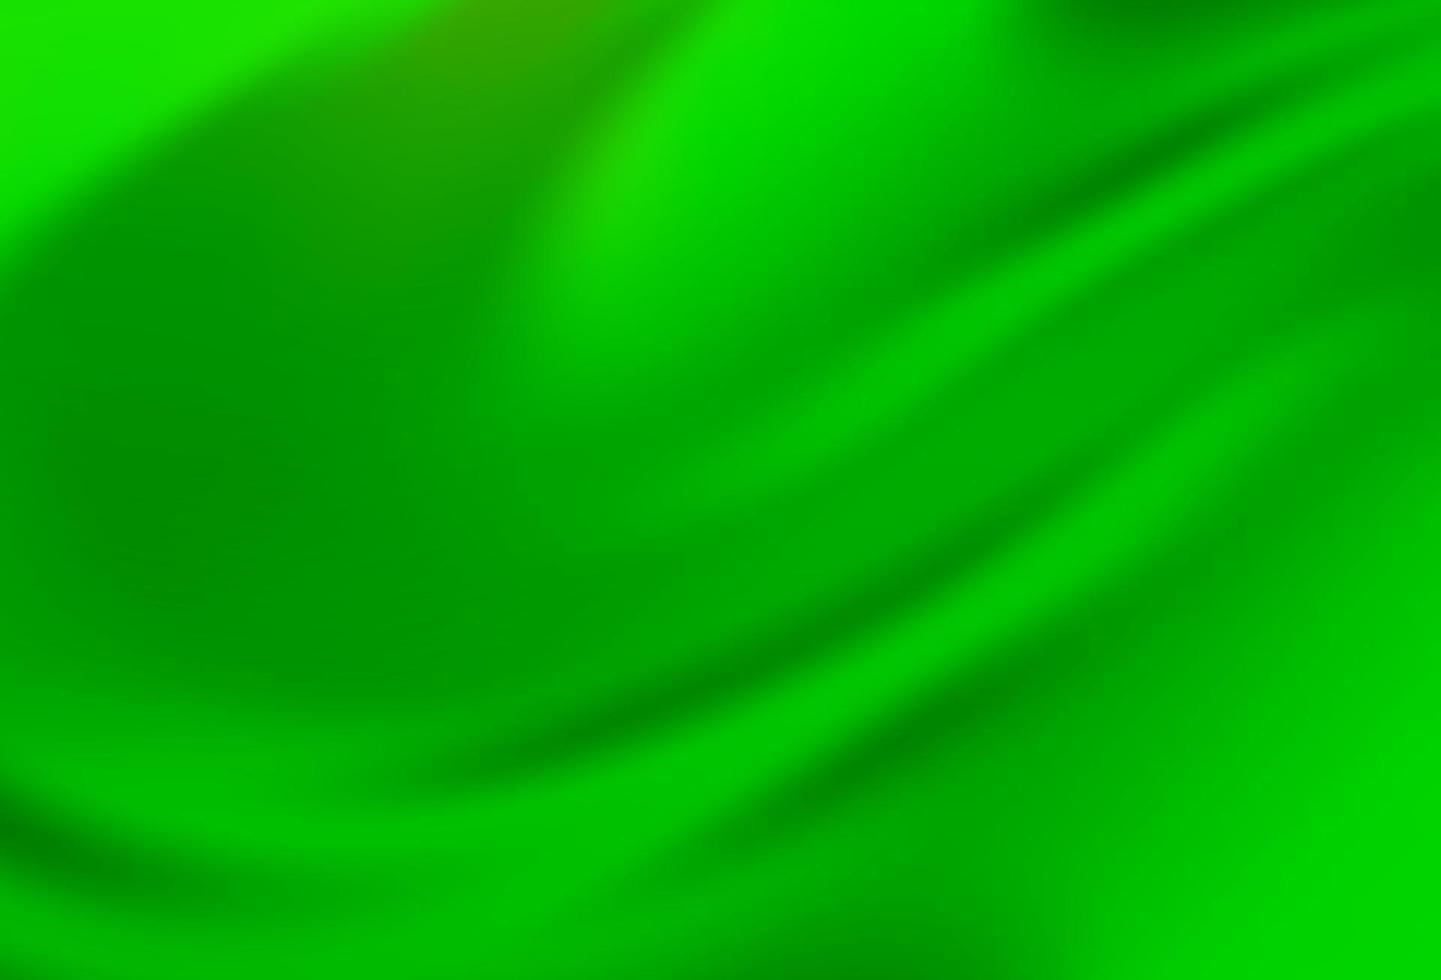 luz verde vetor abstrato textura brilhante.